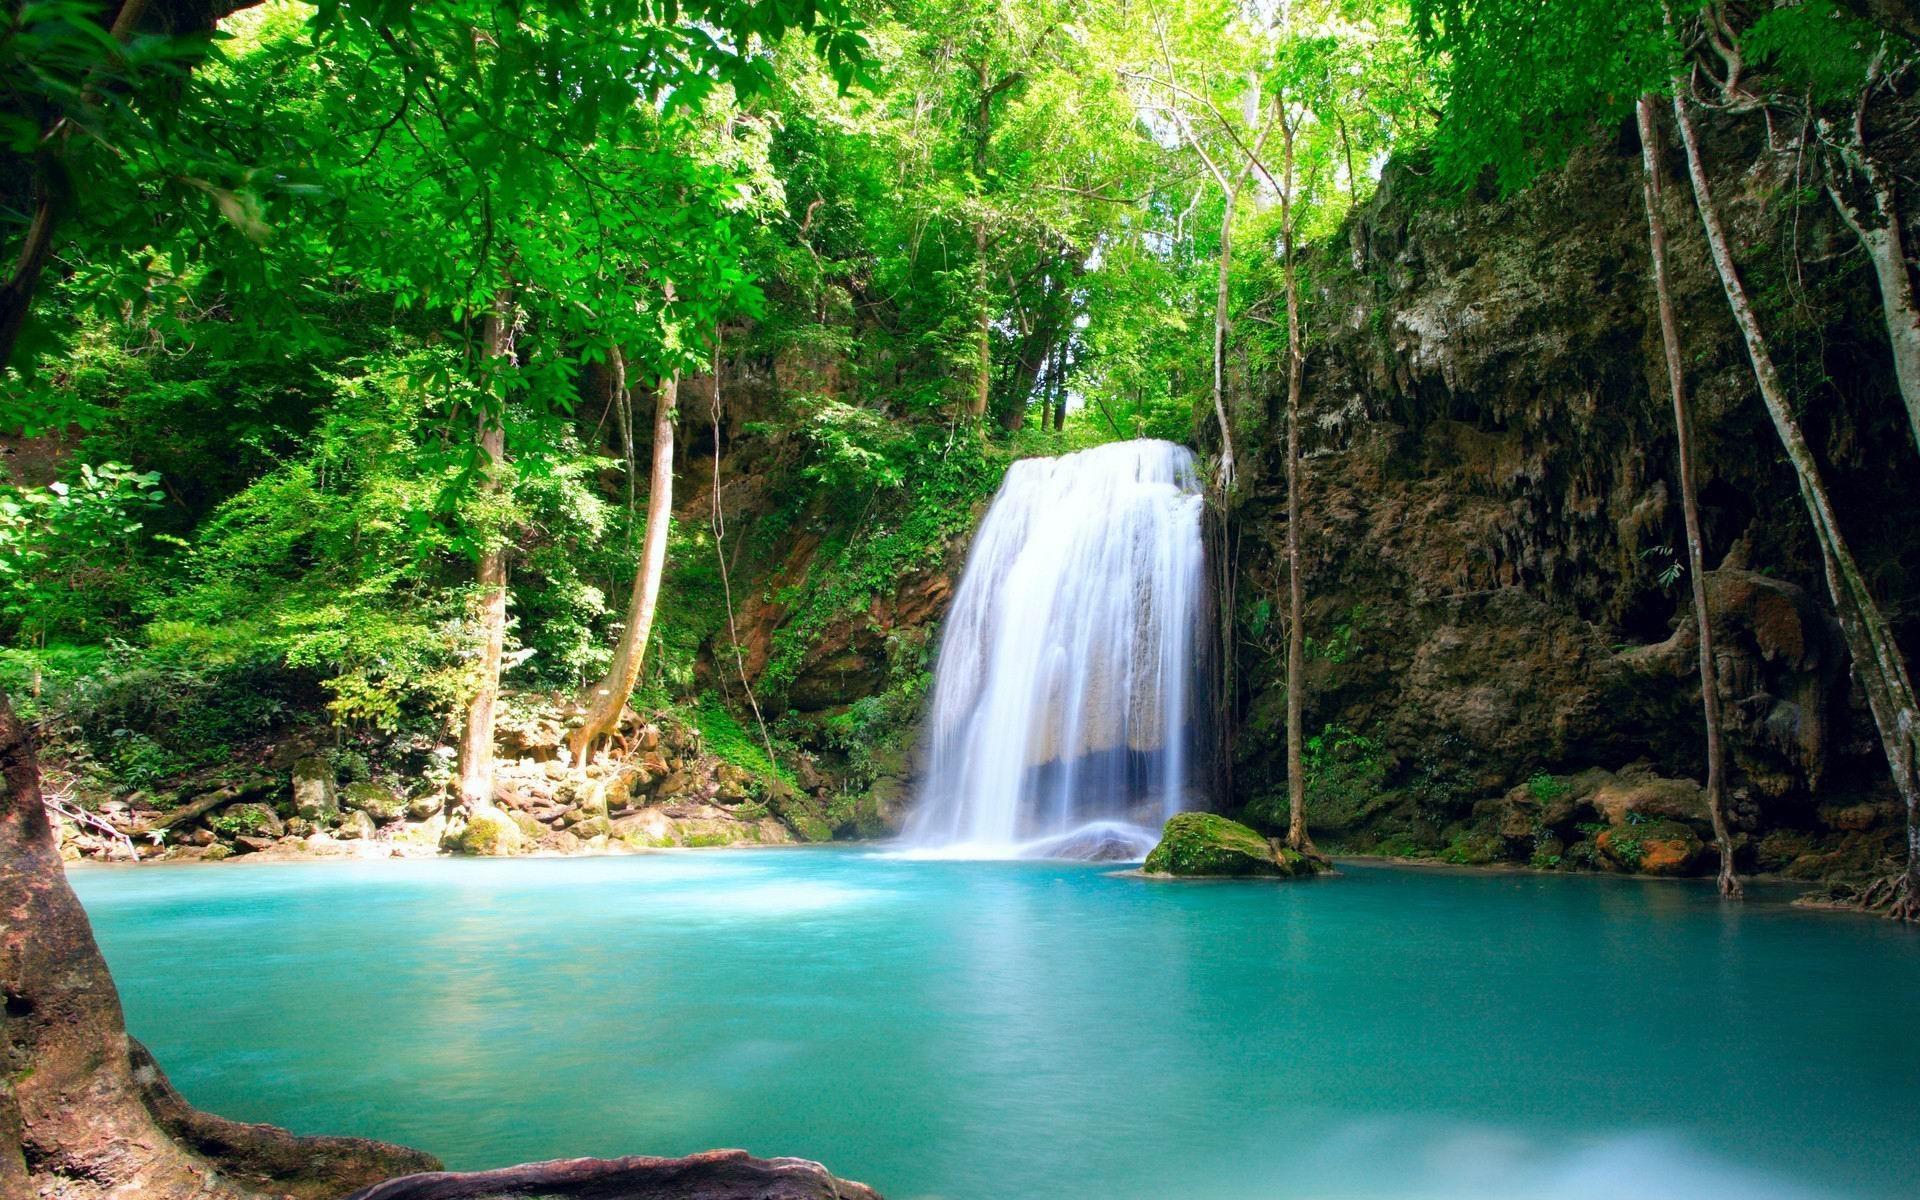 Beautiful Nature Scenes wallpaper